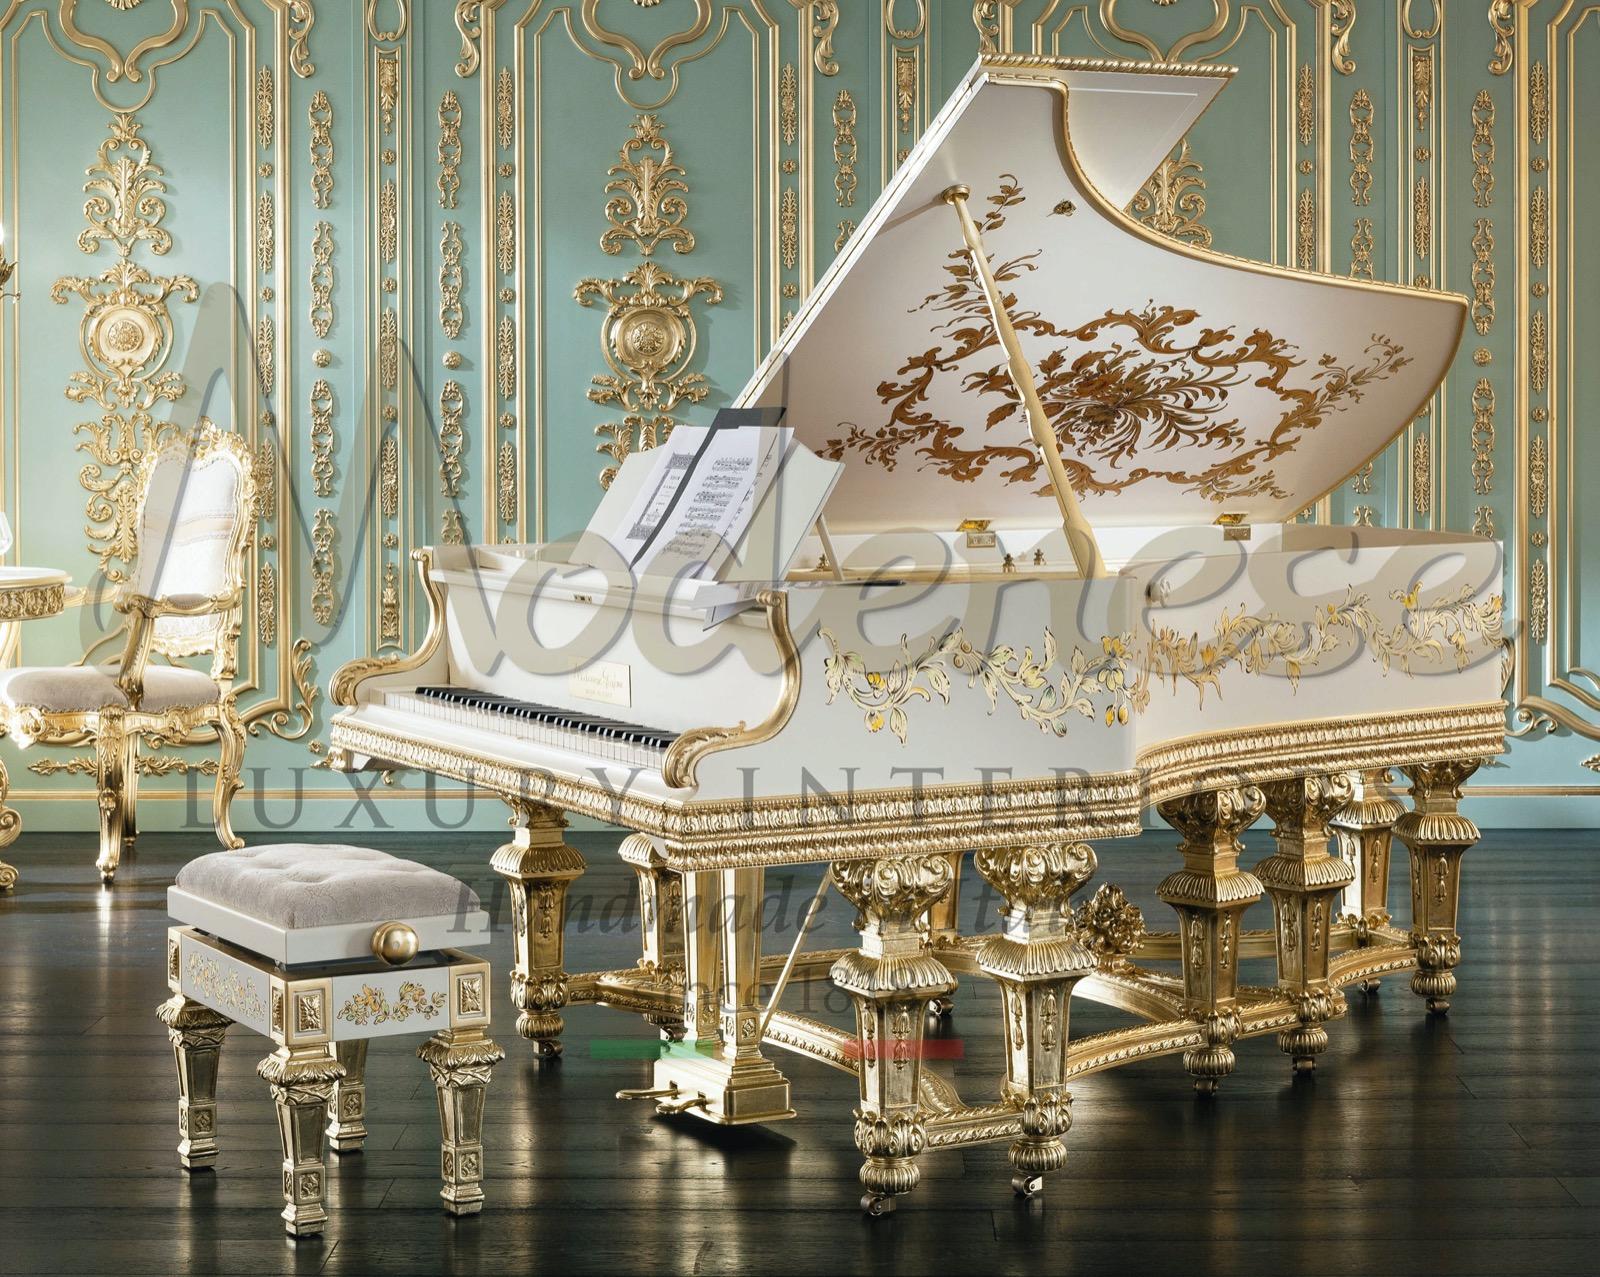 роскошные итальянские интерьеры кустарное производство музыка реставрация пианино Steinway Bernstein тупой классический декор ручной работы сусальное золото